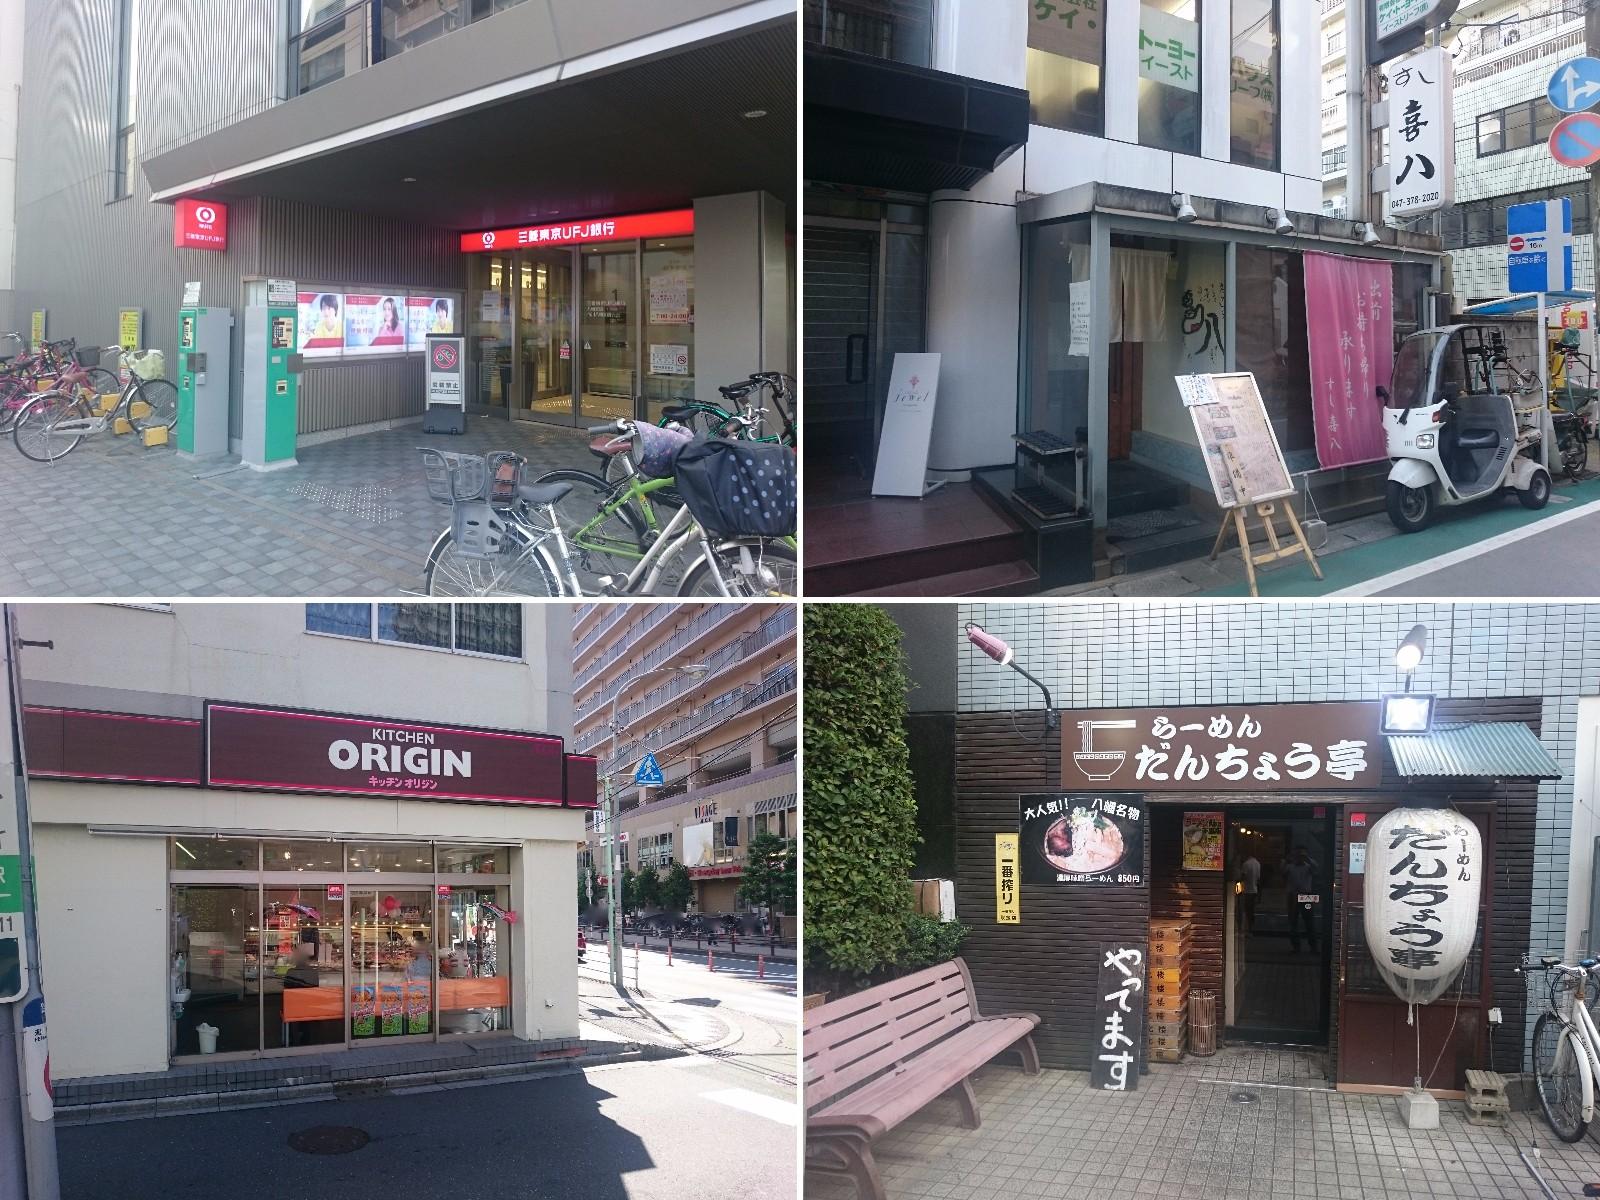 左上:『三菱東京UFJ銀行』駅前にはメガバンクや地方銀行の支店がある<br><br> 右上:『すし喜八』Mさんによると「お寿司の他にも、天ぷらやお刺身などの一品料理も絶品」とのこと<br><br> 左下:『オリジン弁当』駅の南口・北口両側にある<br><br> 右下:『八幡だんちょう亭』地元で人気のラーメン店。このほかにも駅周辺には数多くのラーメン店がある